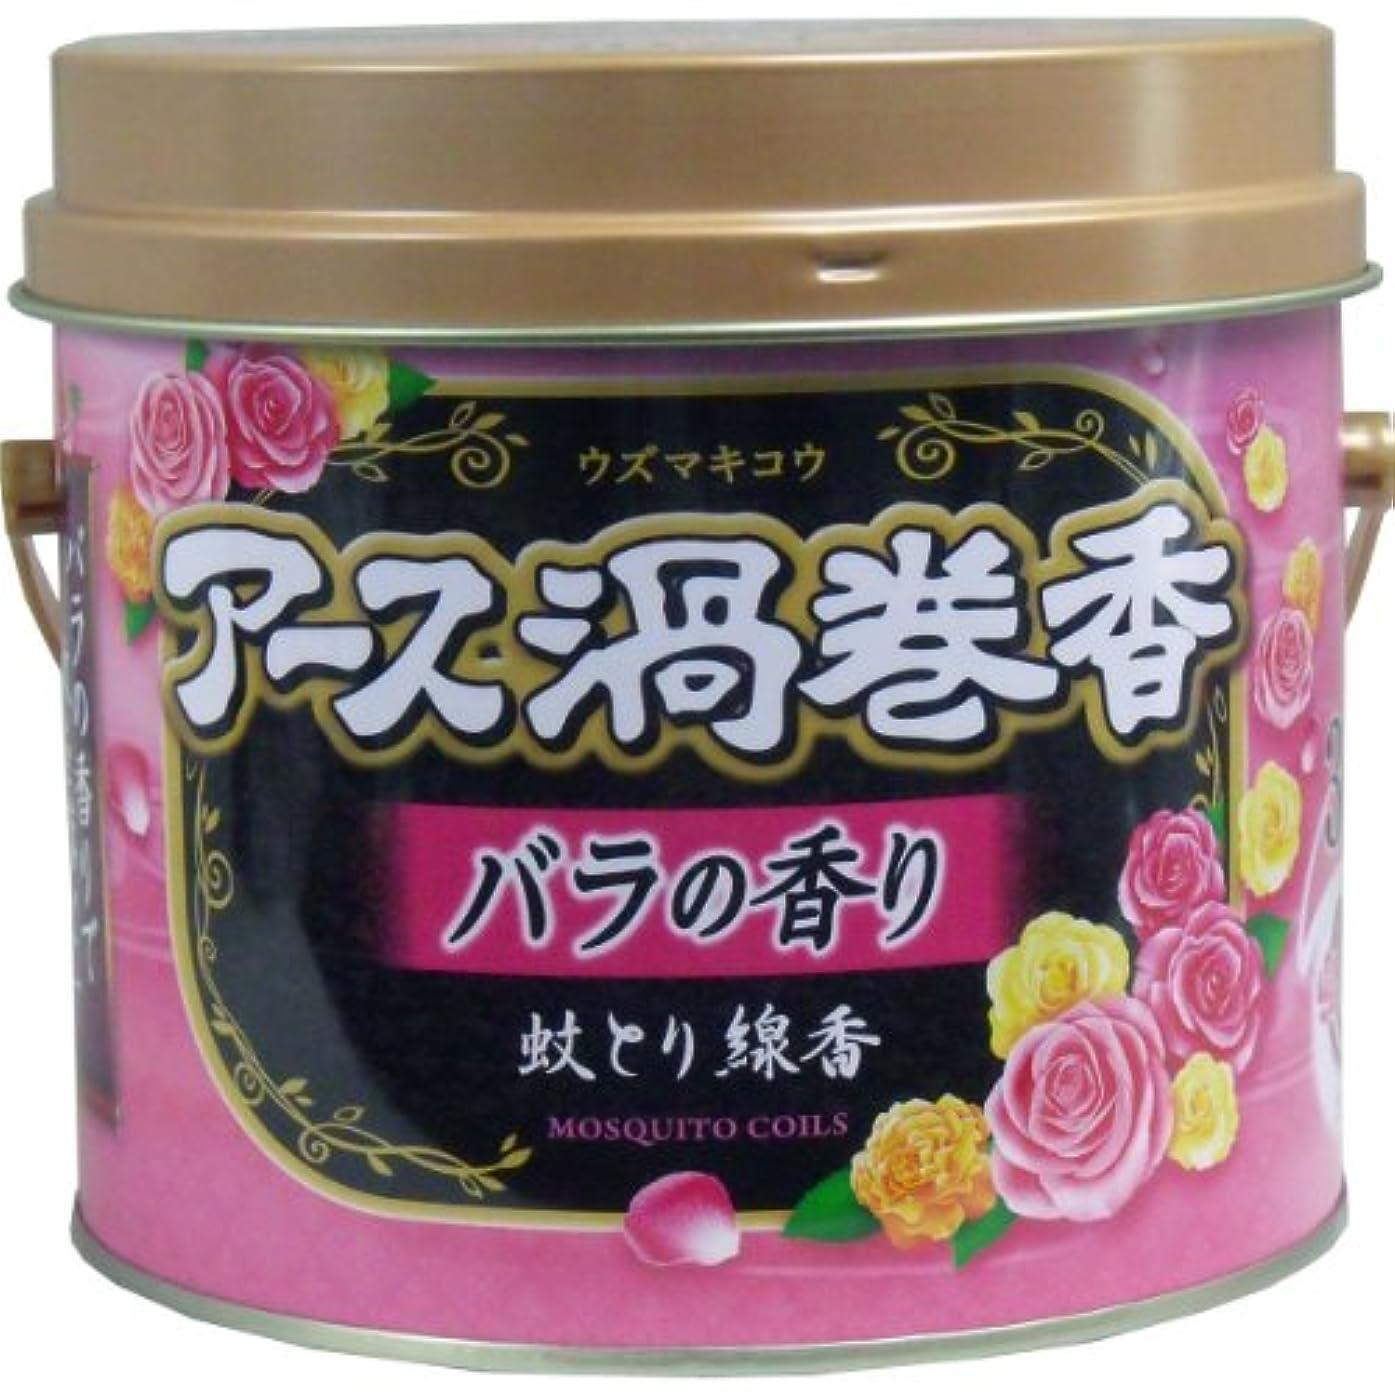 アース渦巻香 蚊とり線香 バラの香り 30巻5個セット